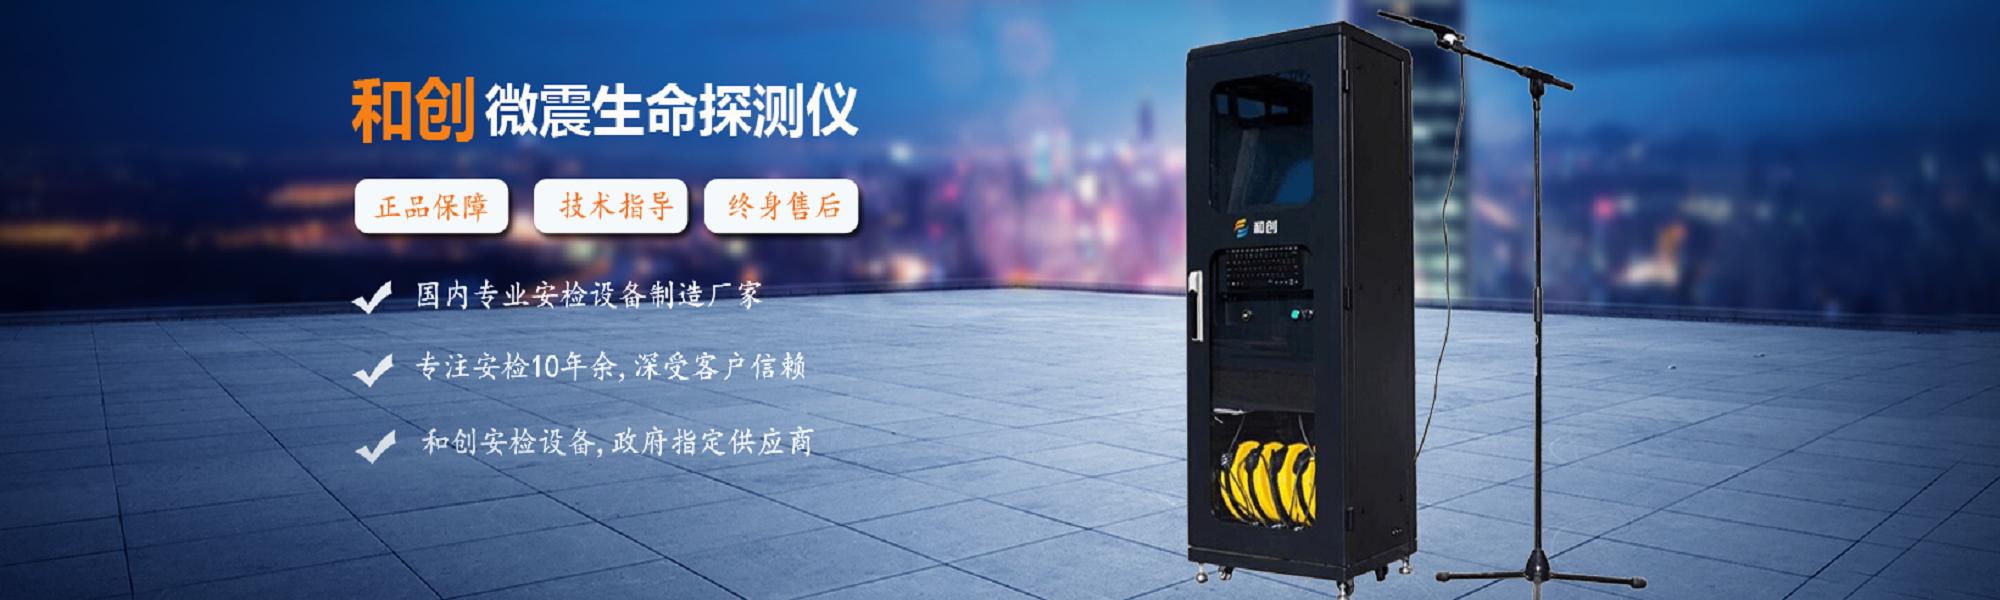 广东和创电子科技有限公司